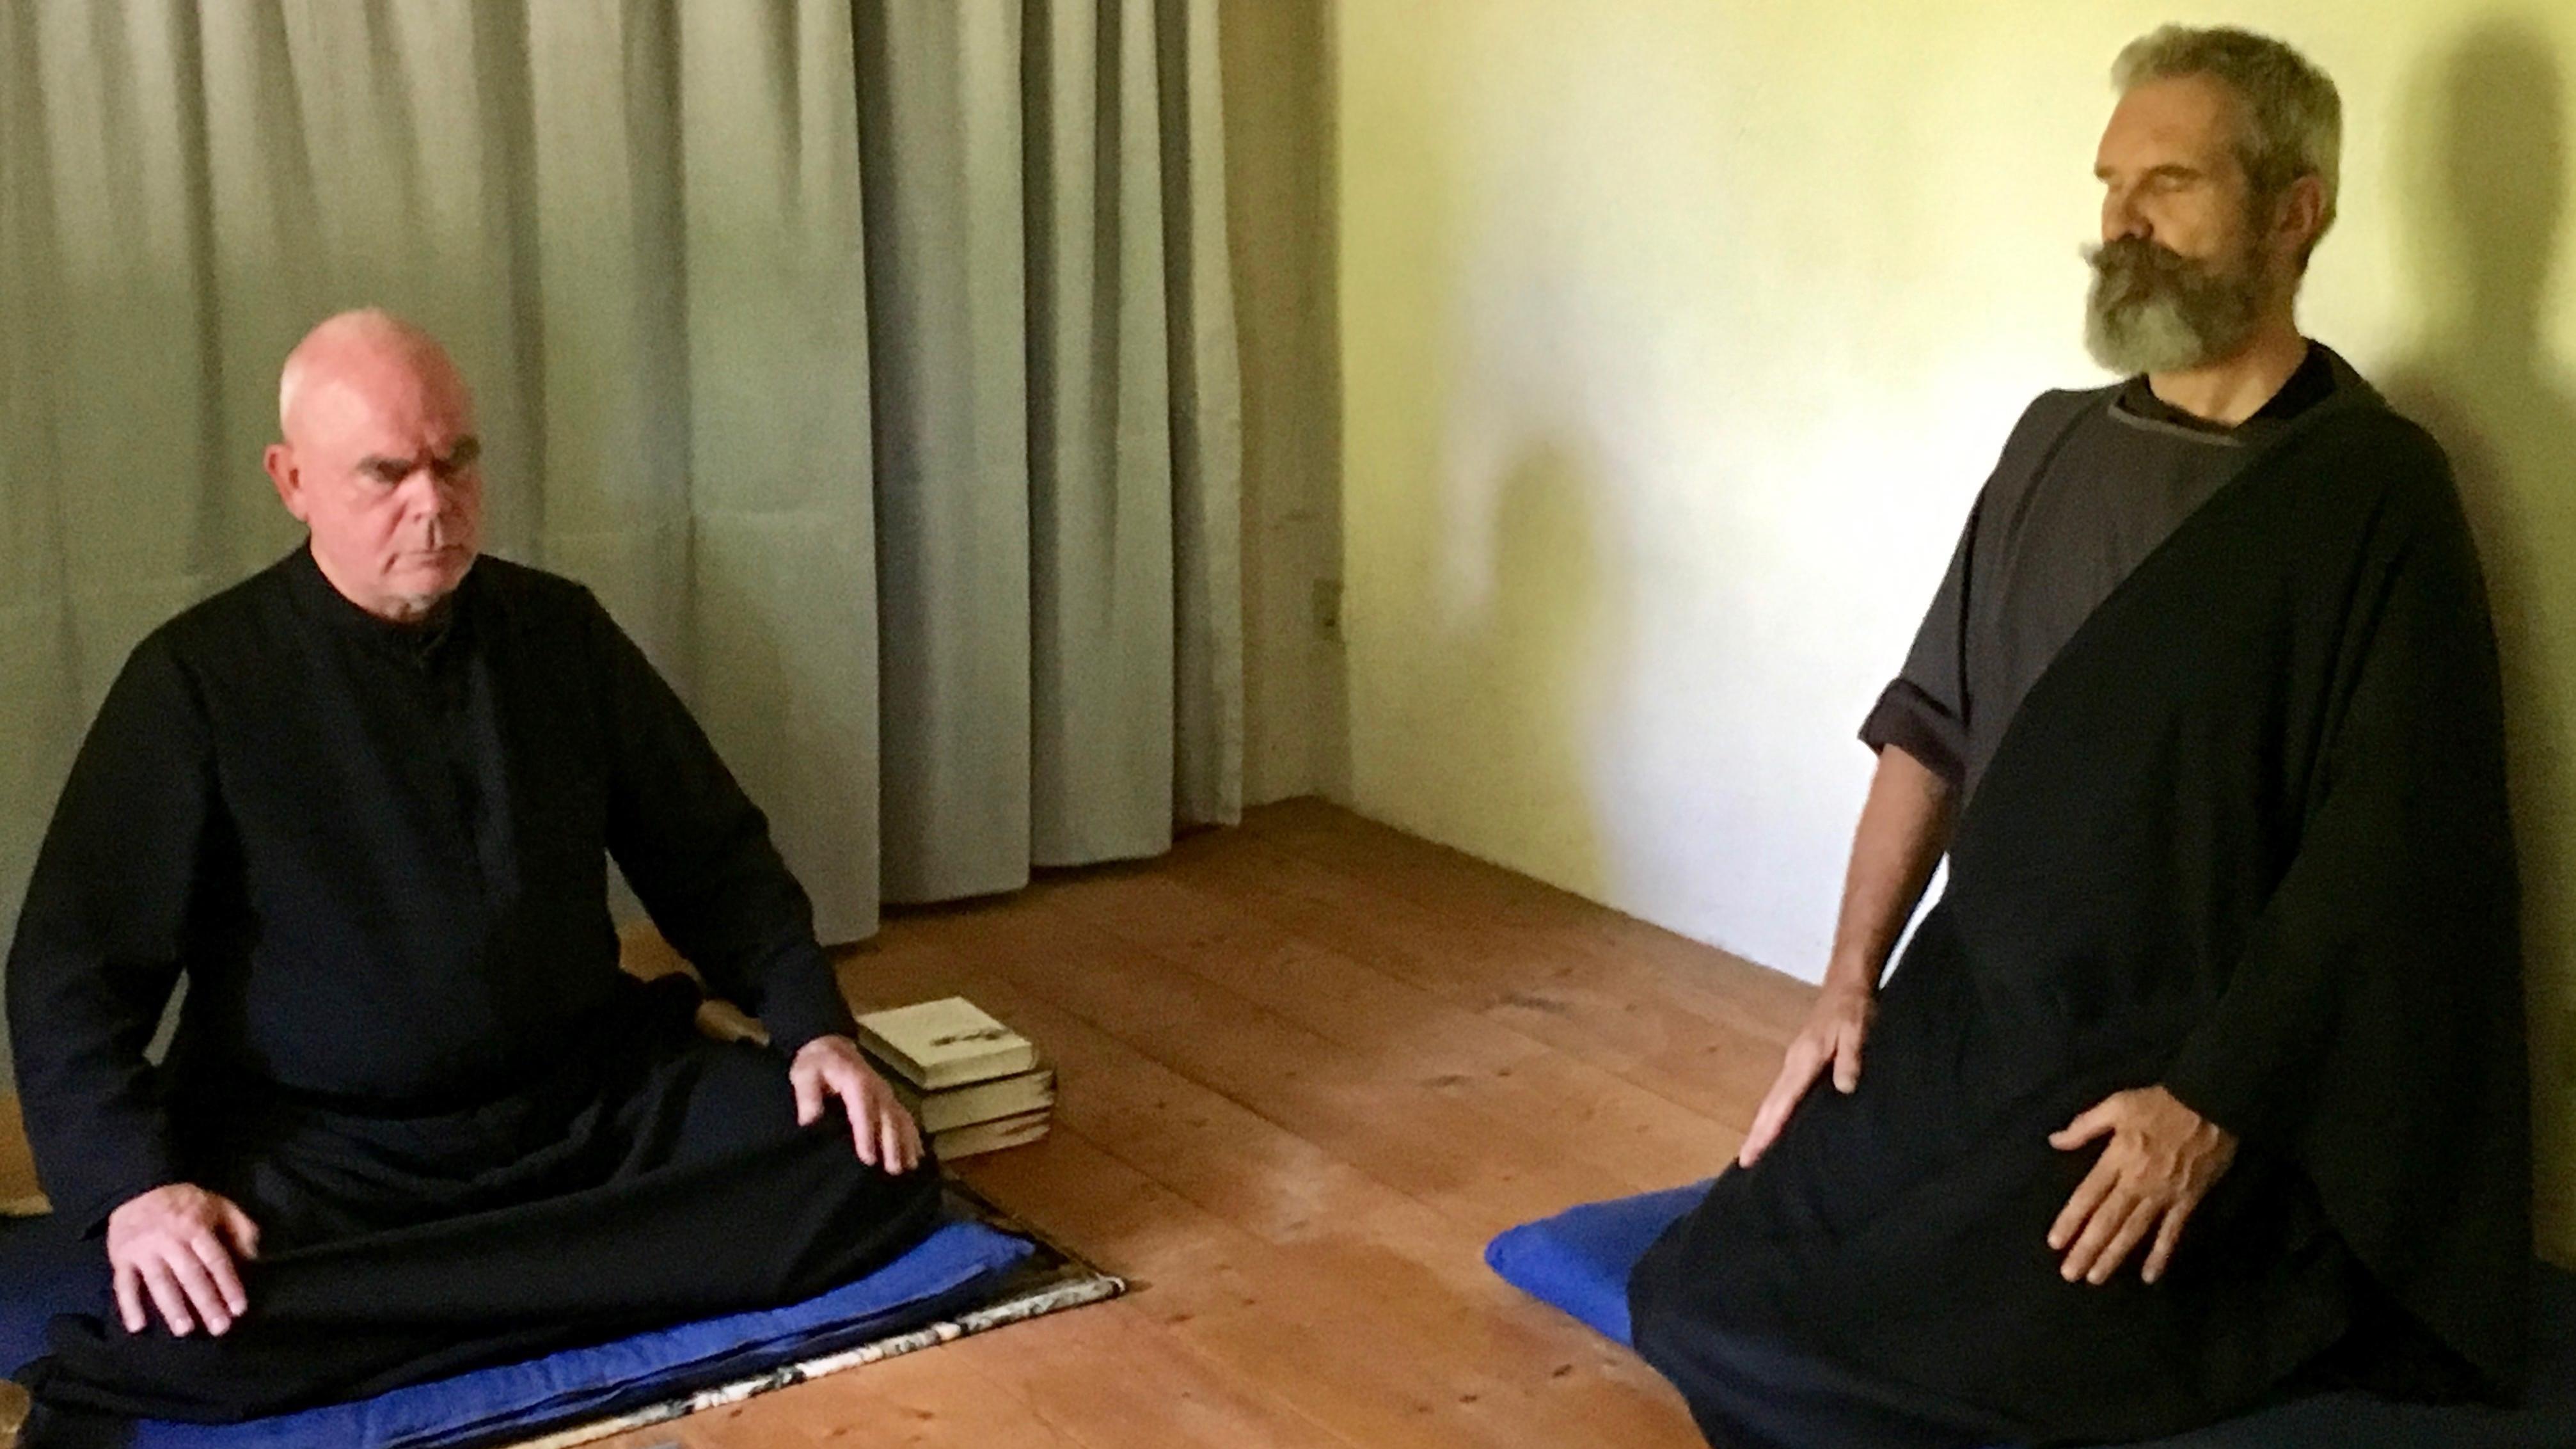 Gemeinsame Meditation bei Eremit Jacobus Kaffanke.